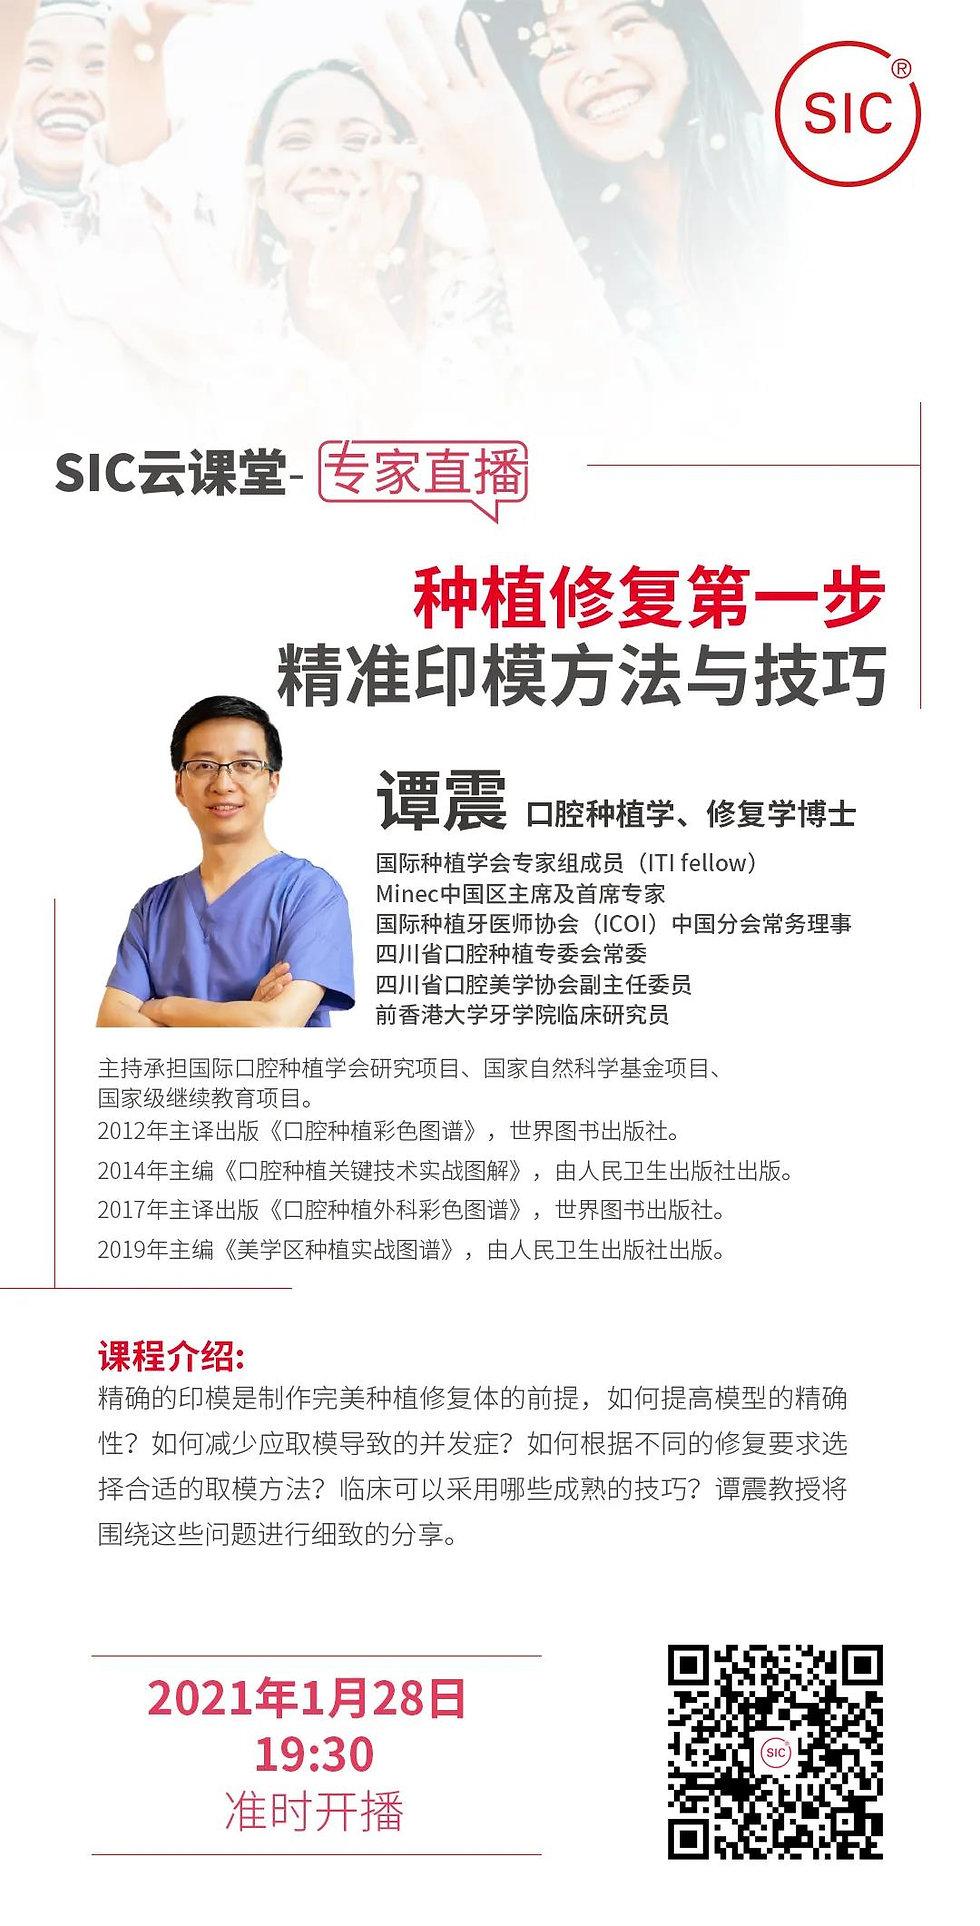 2021.01-02-谭震 Dr. Tan zhen.jpg